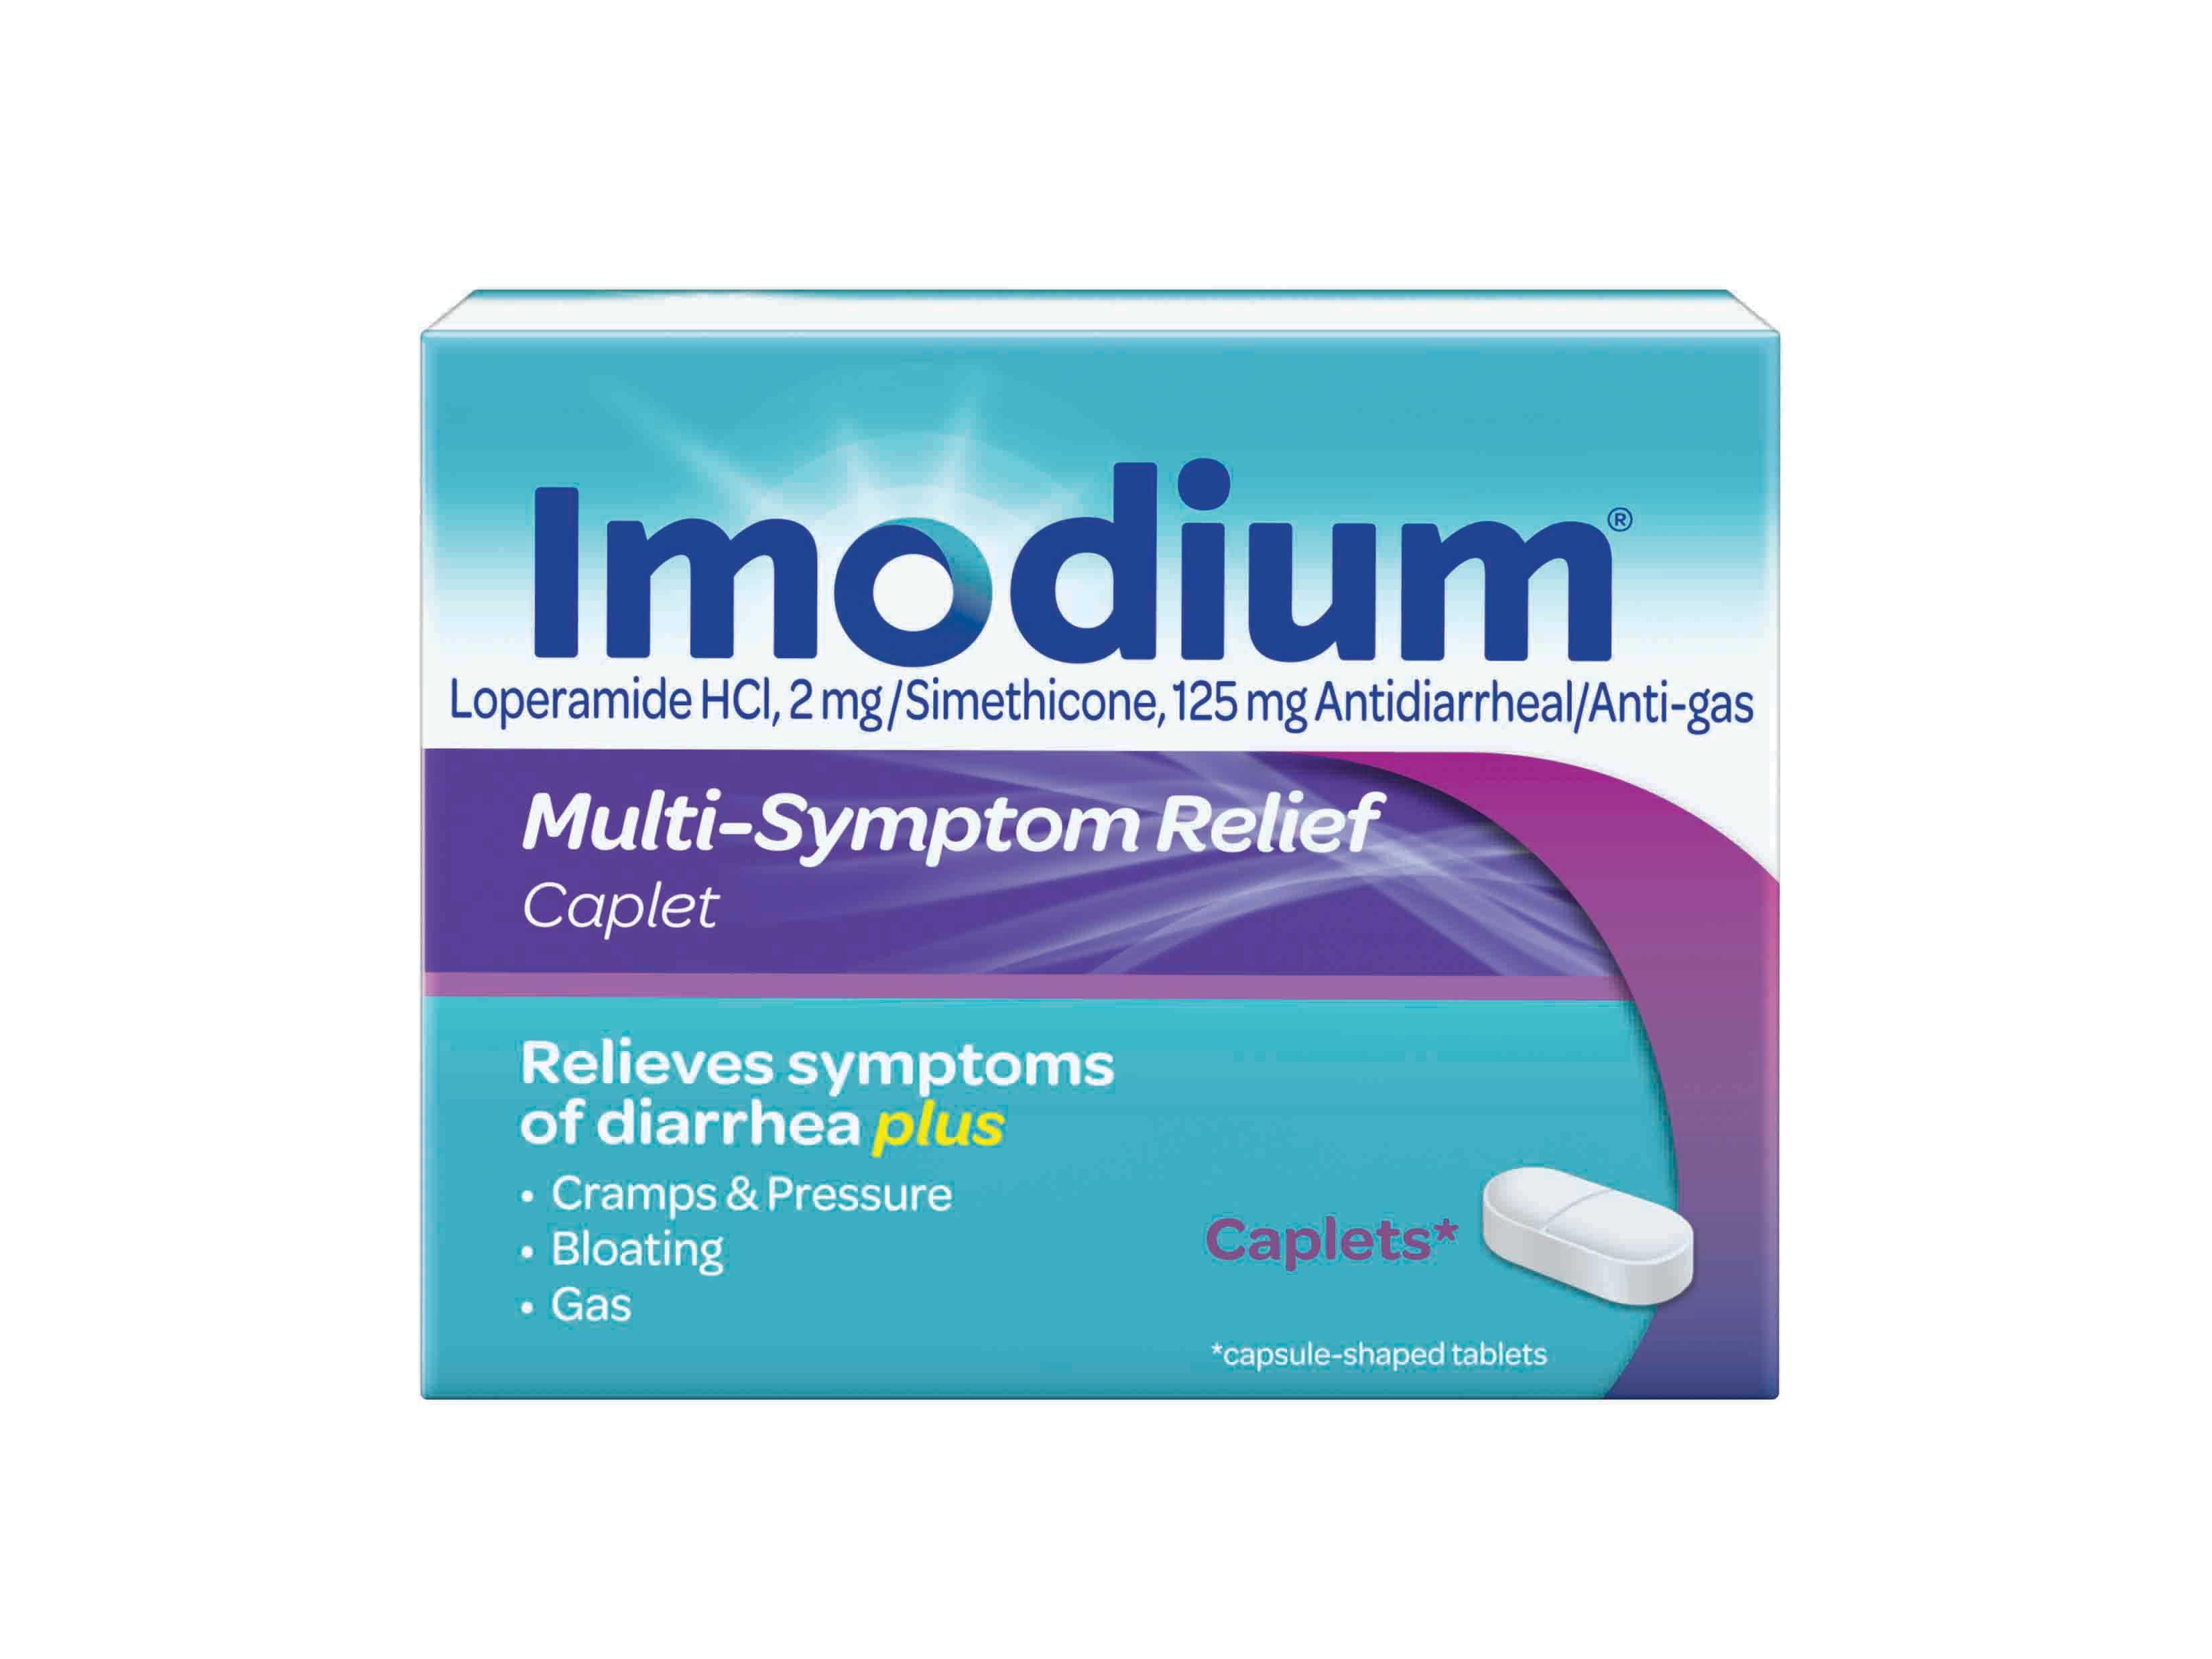 When to Treat Diarrhea | IMODIUM®